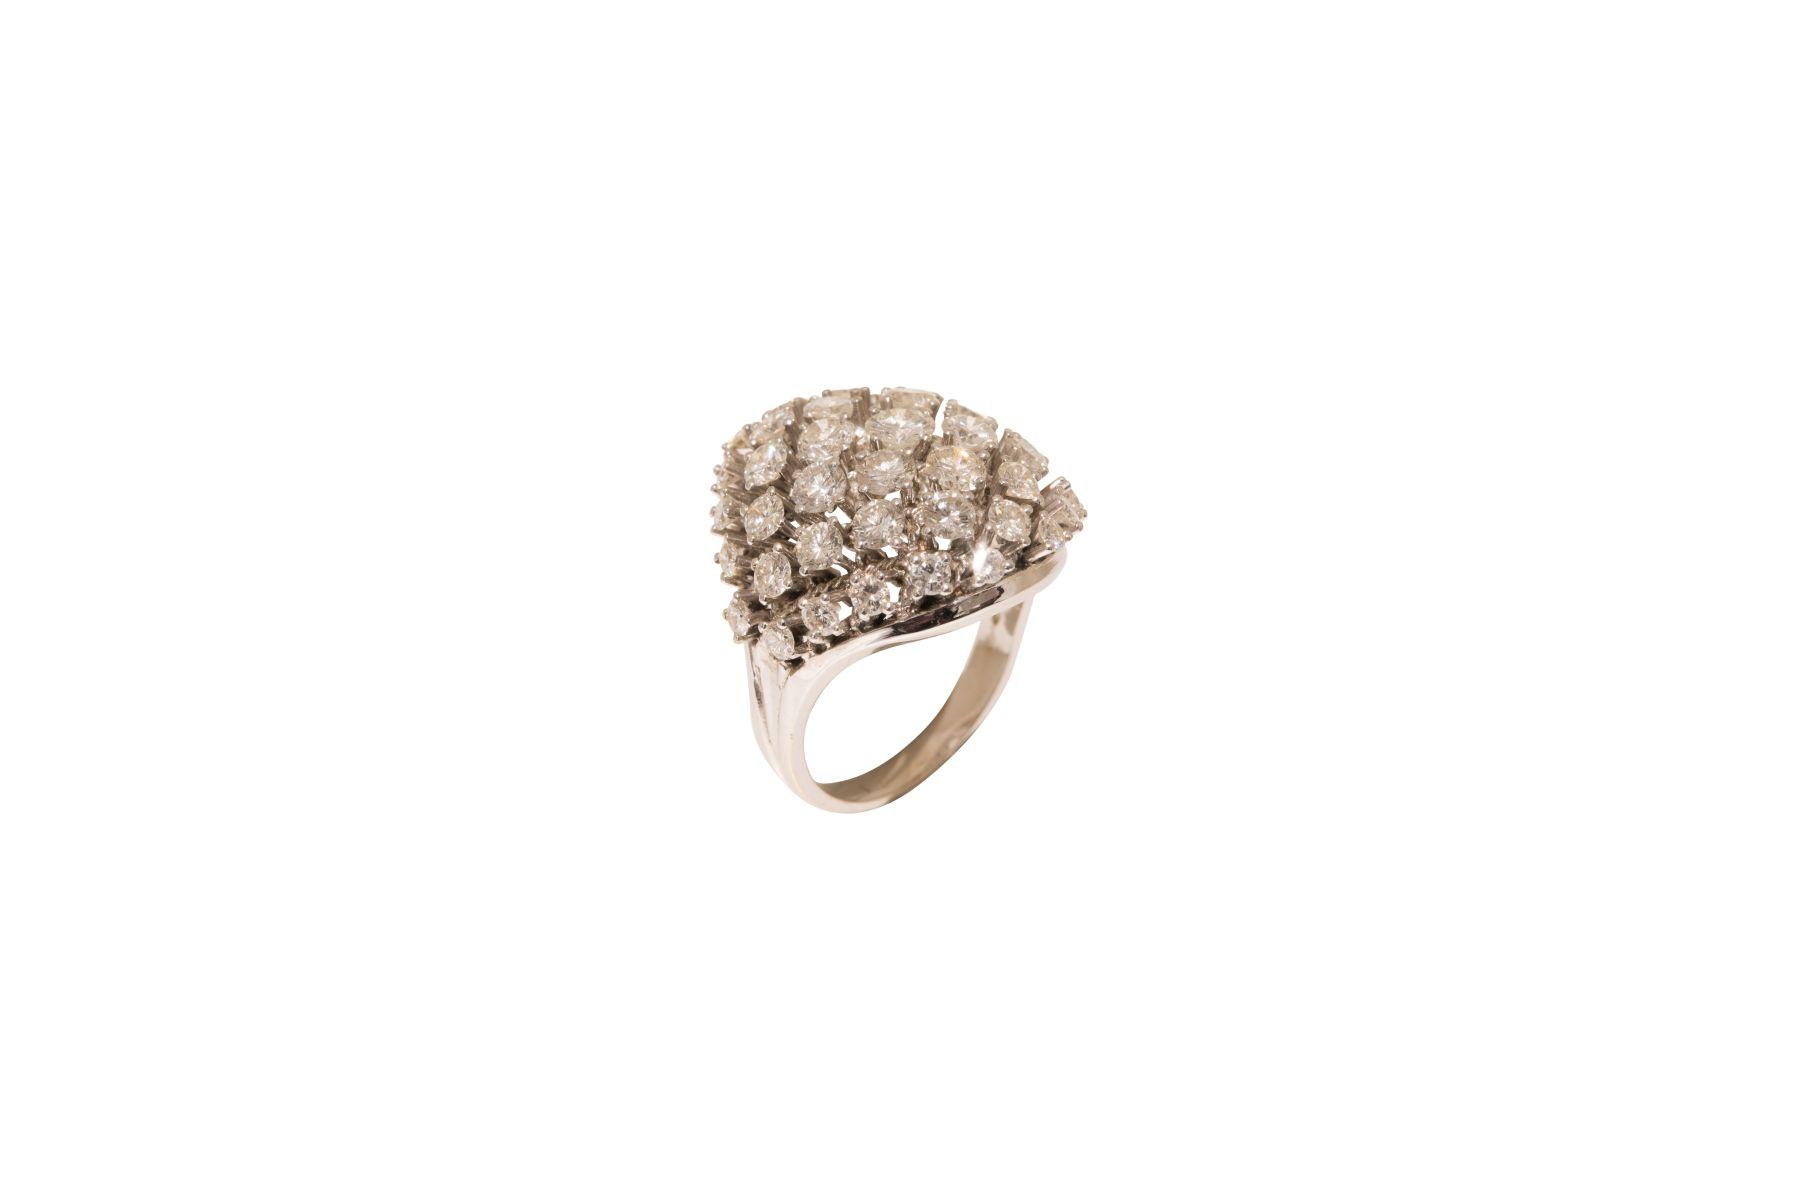 #188 Ring | Ring Image